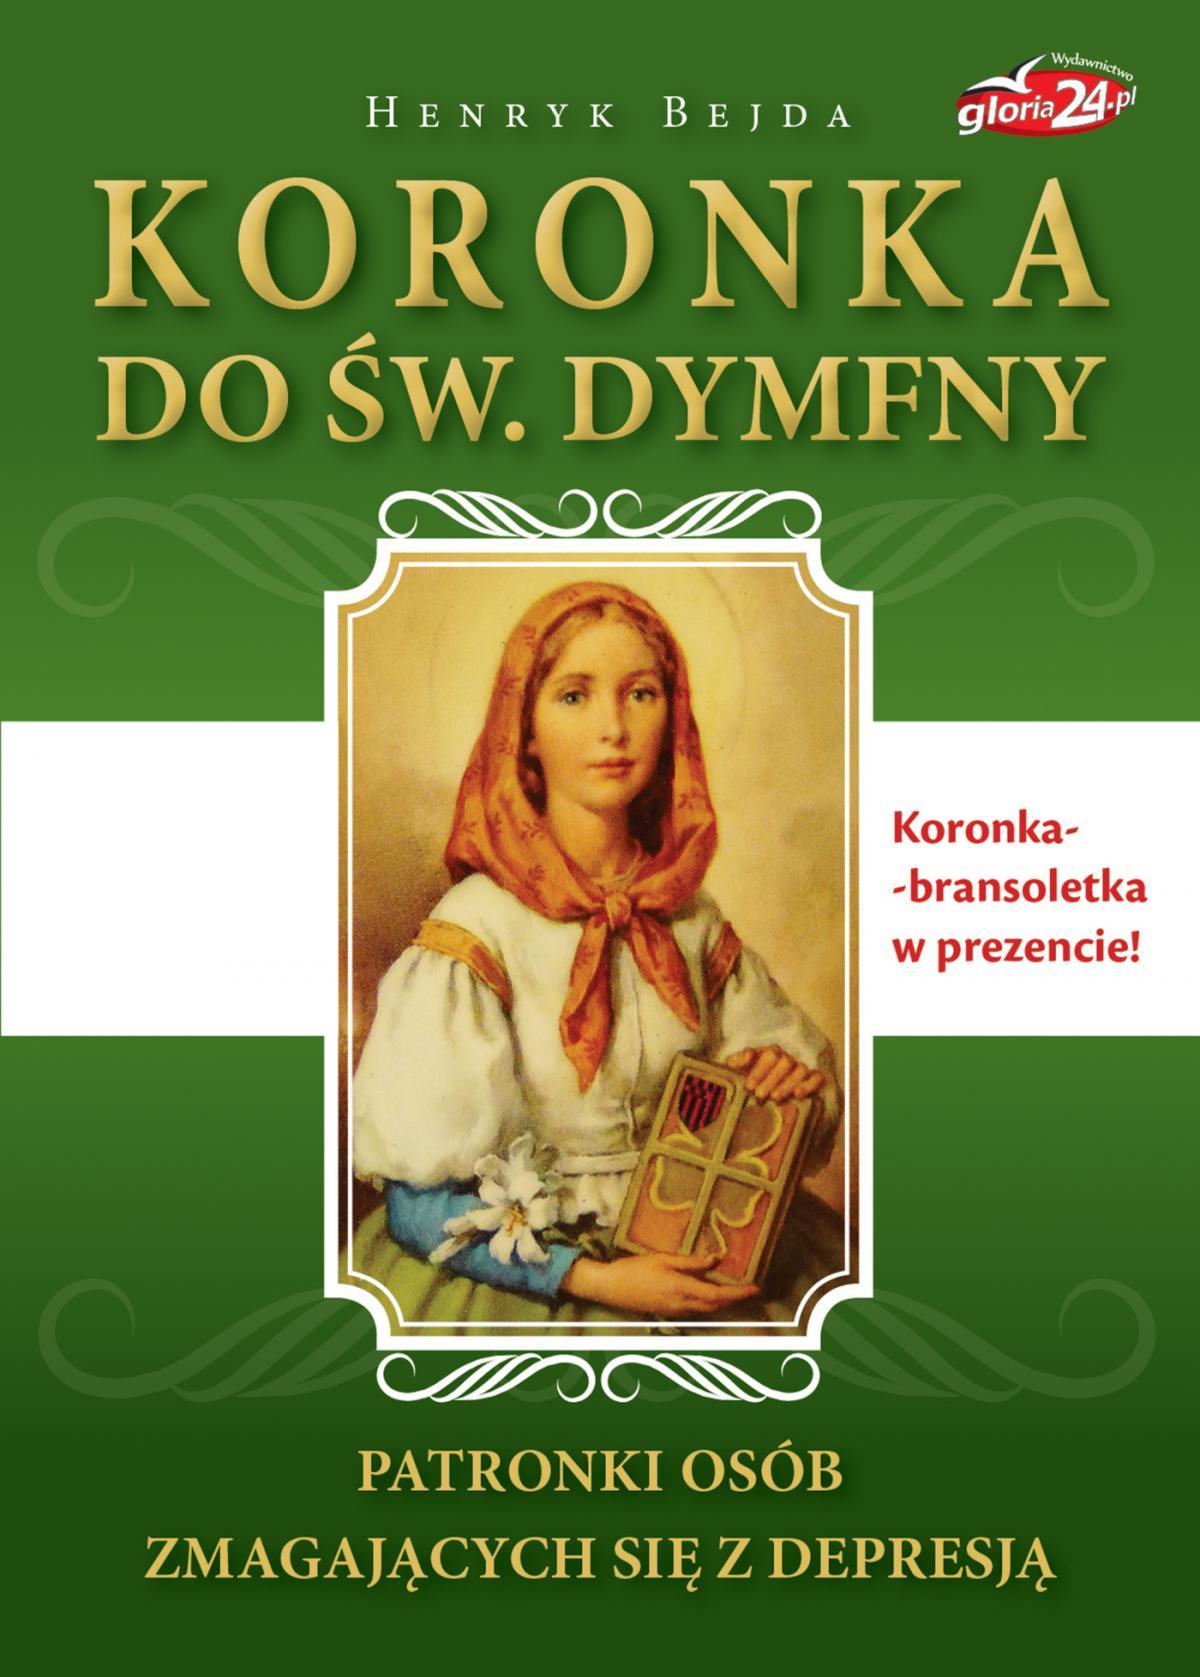 Koronka do św. Dymfny, patronki osób zmagających się z depresją - Ebook (Książka na Kindle) do pobrania w formacie MOBI